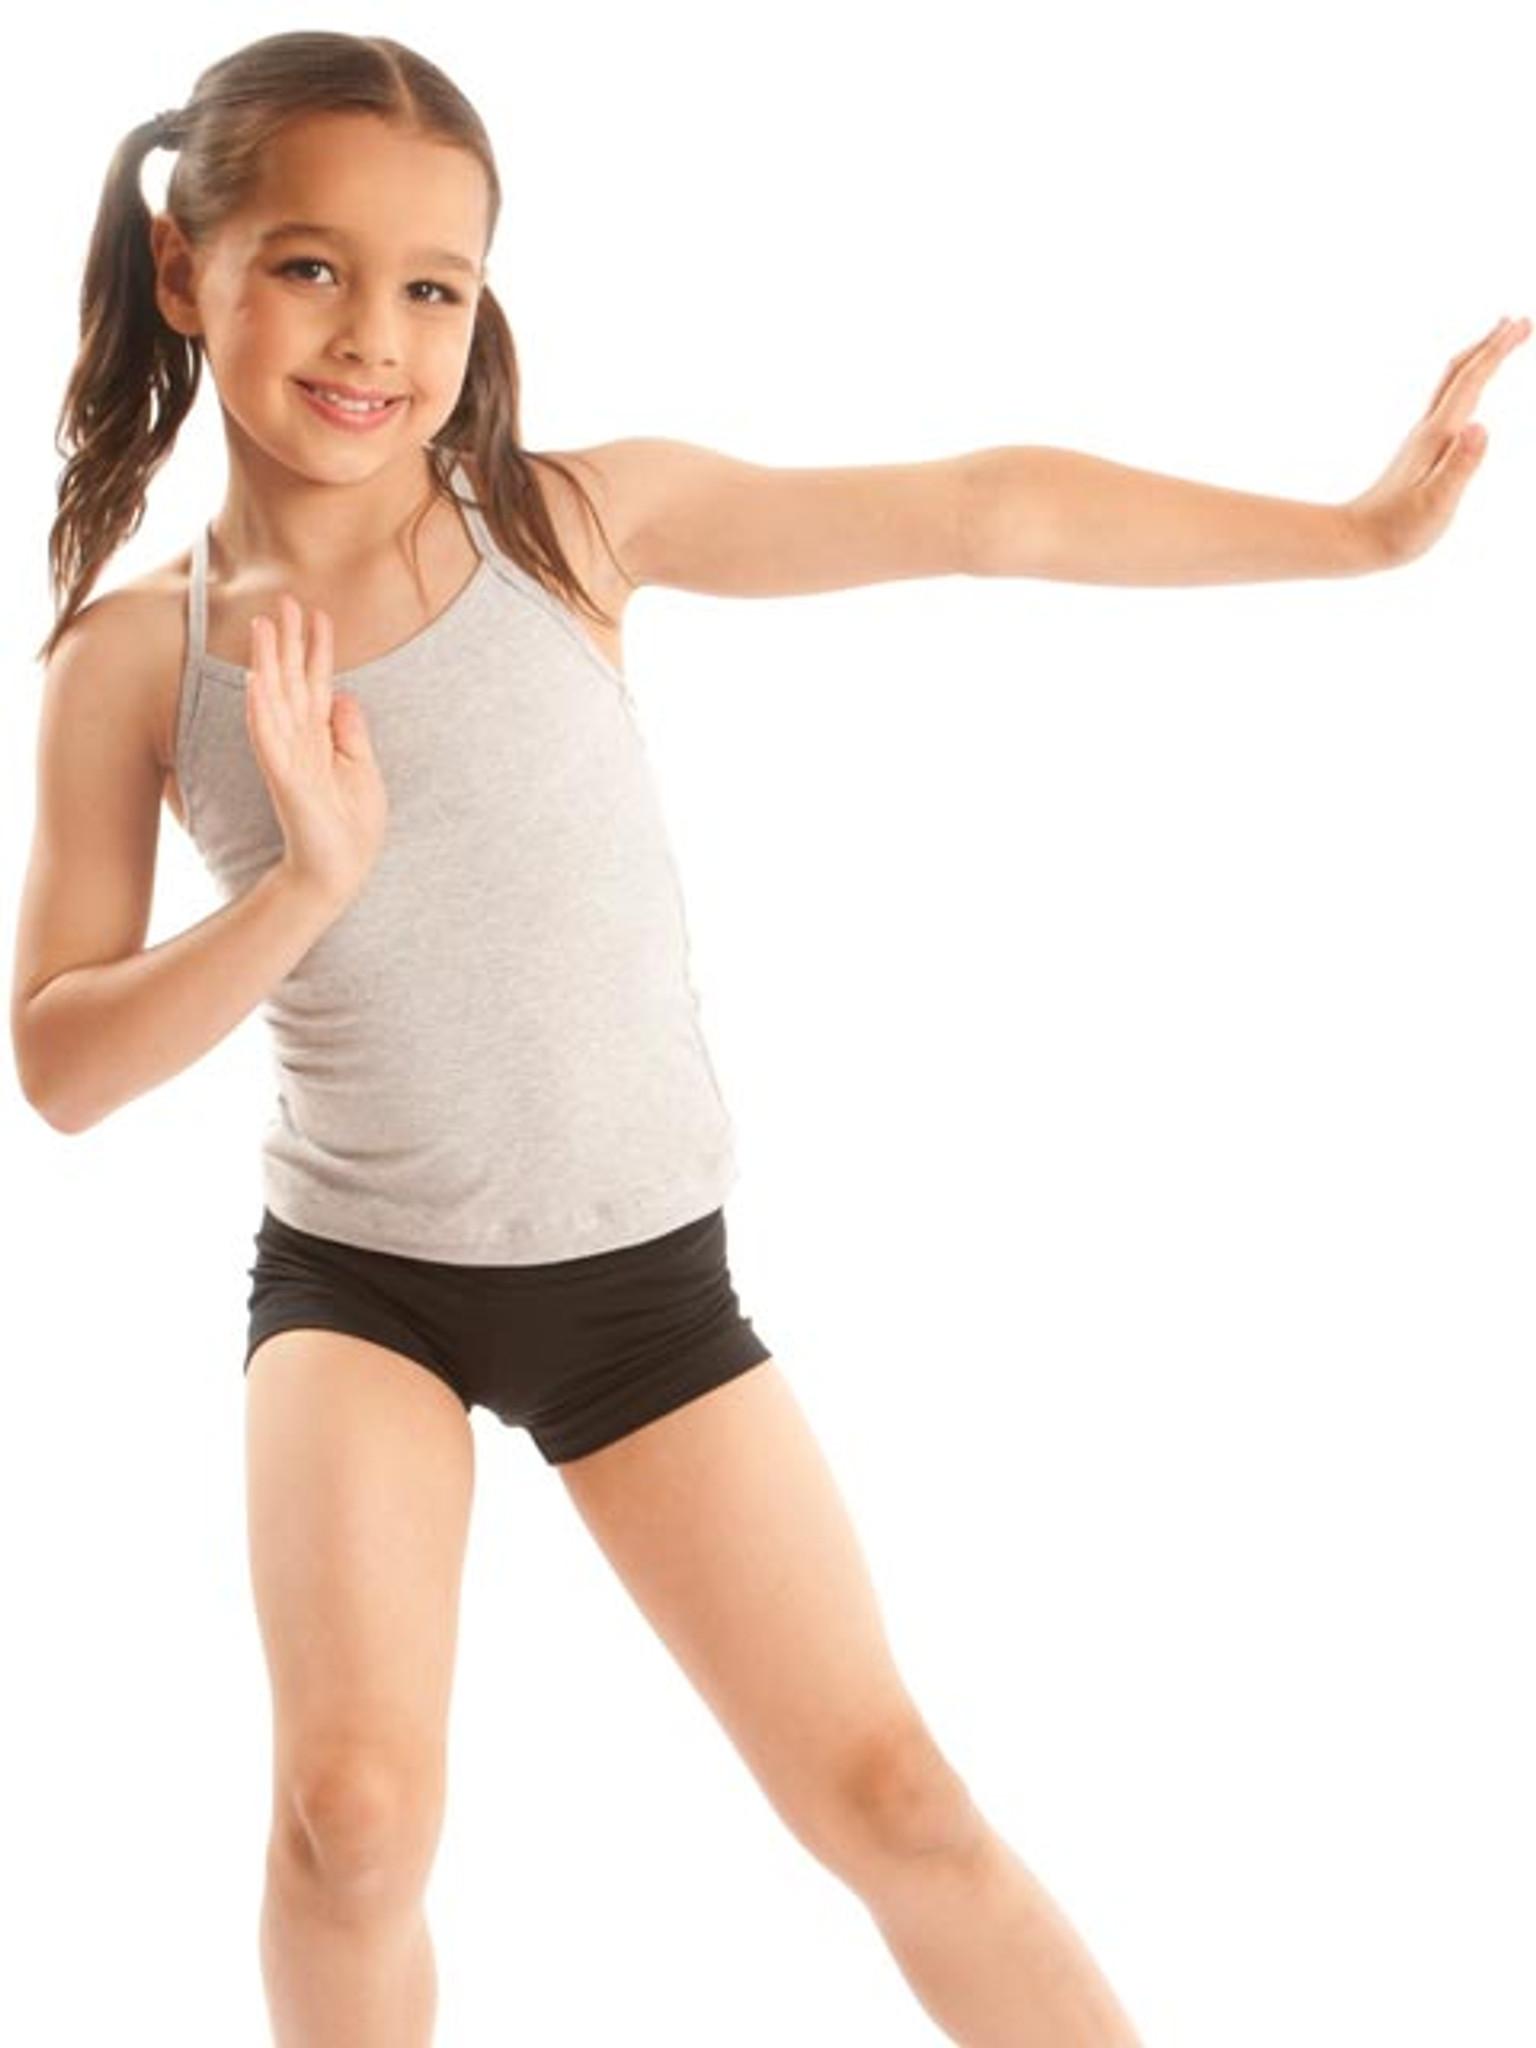 Energetiks Debut V Band Dance Shorts Girls